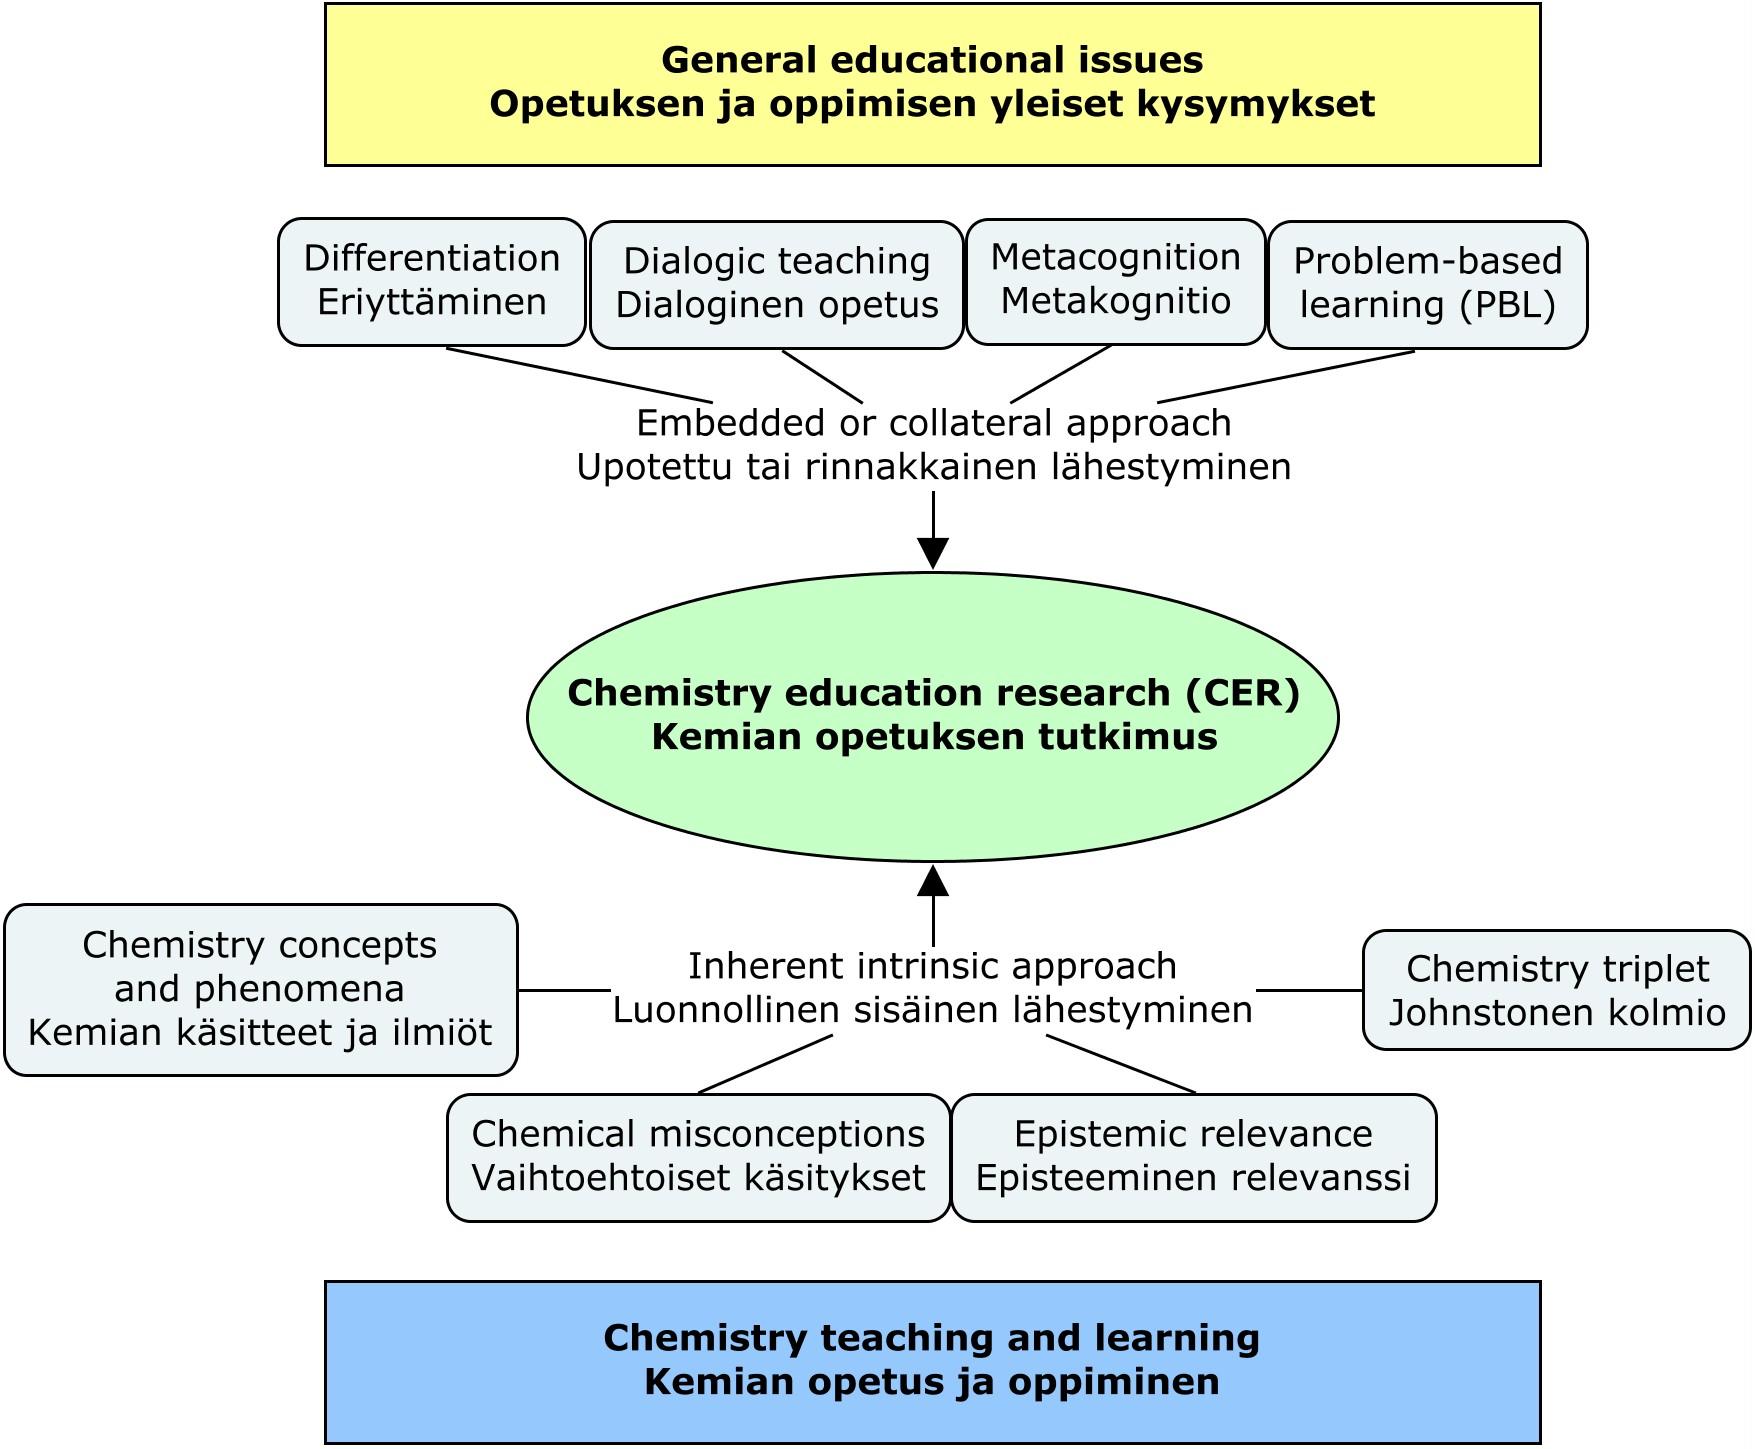 Kemian opetuksen tutkimuksen määrittely